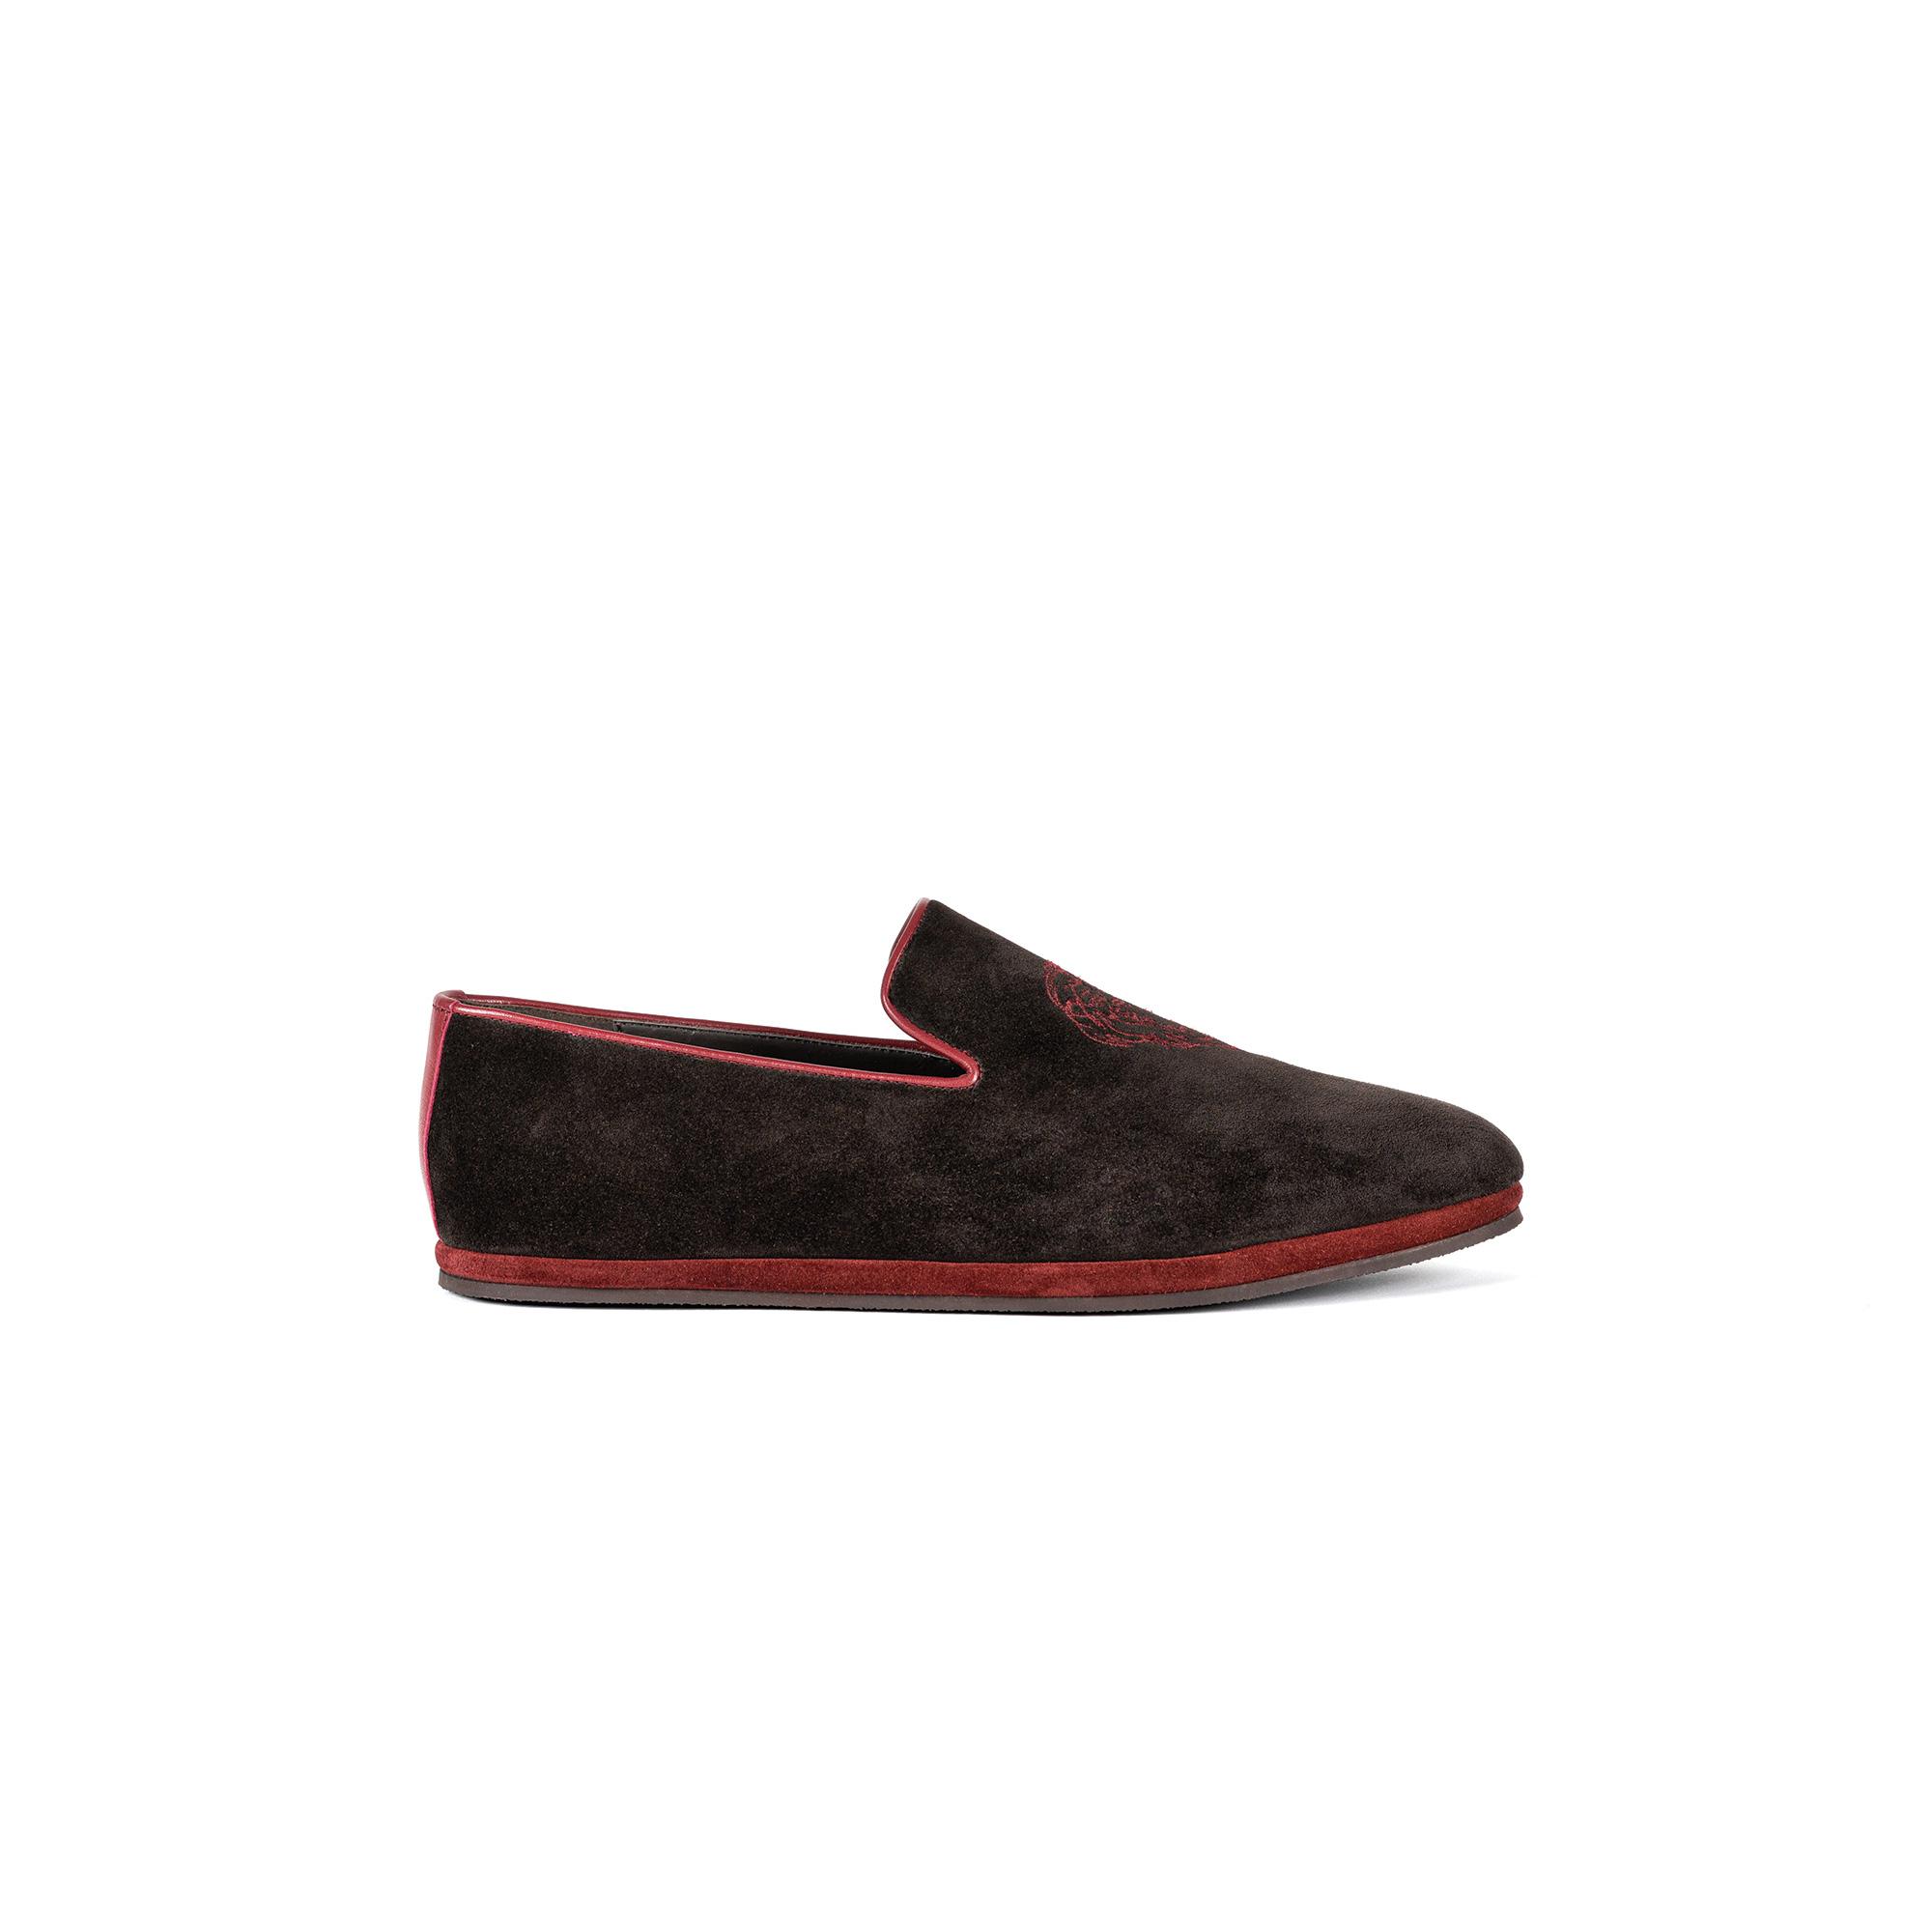 Pantofola interno classico chiusa in velour pepe - Farfalla italian slippers